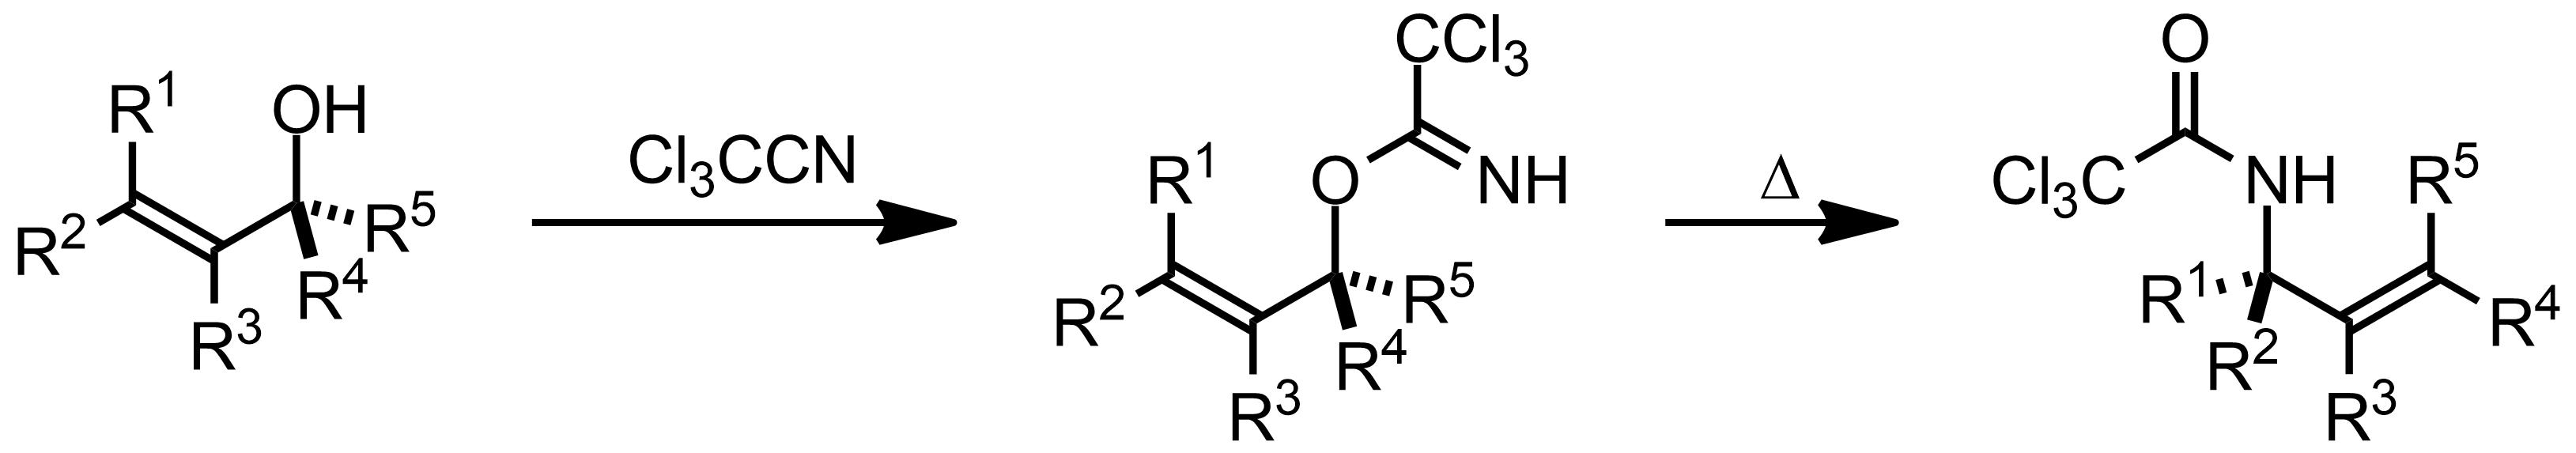 Schematic representation of the Overman Rearrangement.